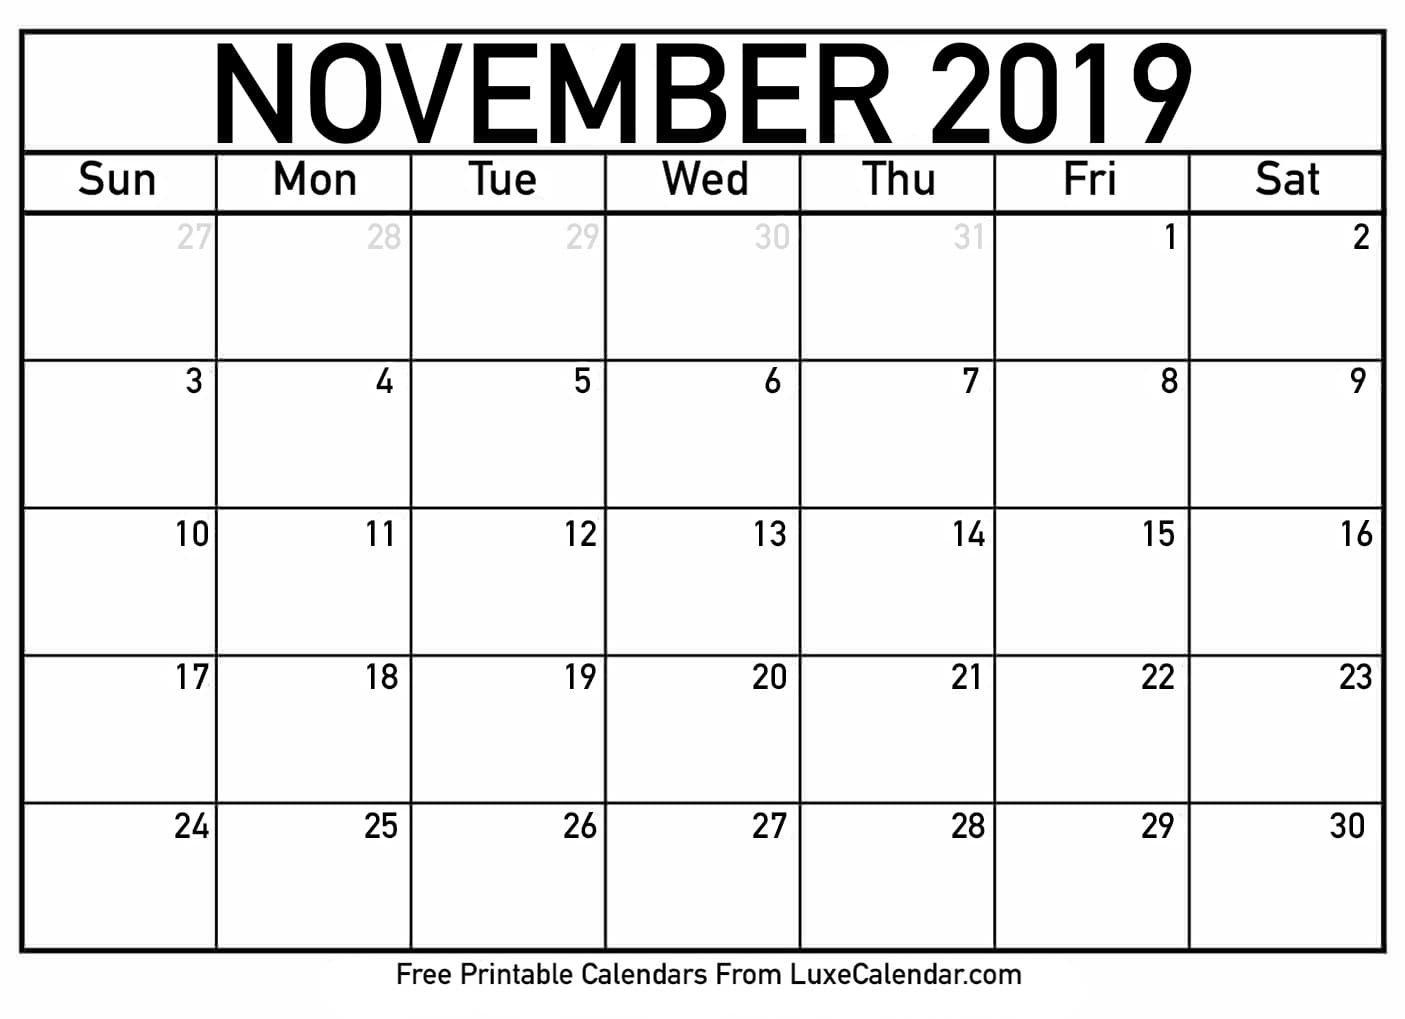 Blank November 2019 Printable Calendar - Luxe Calendar Calendar Of 2019 November